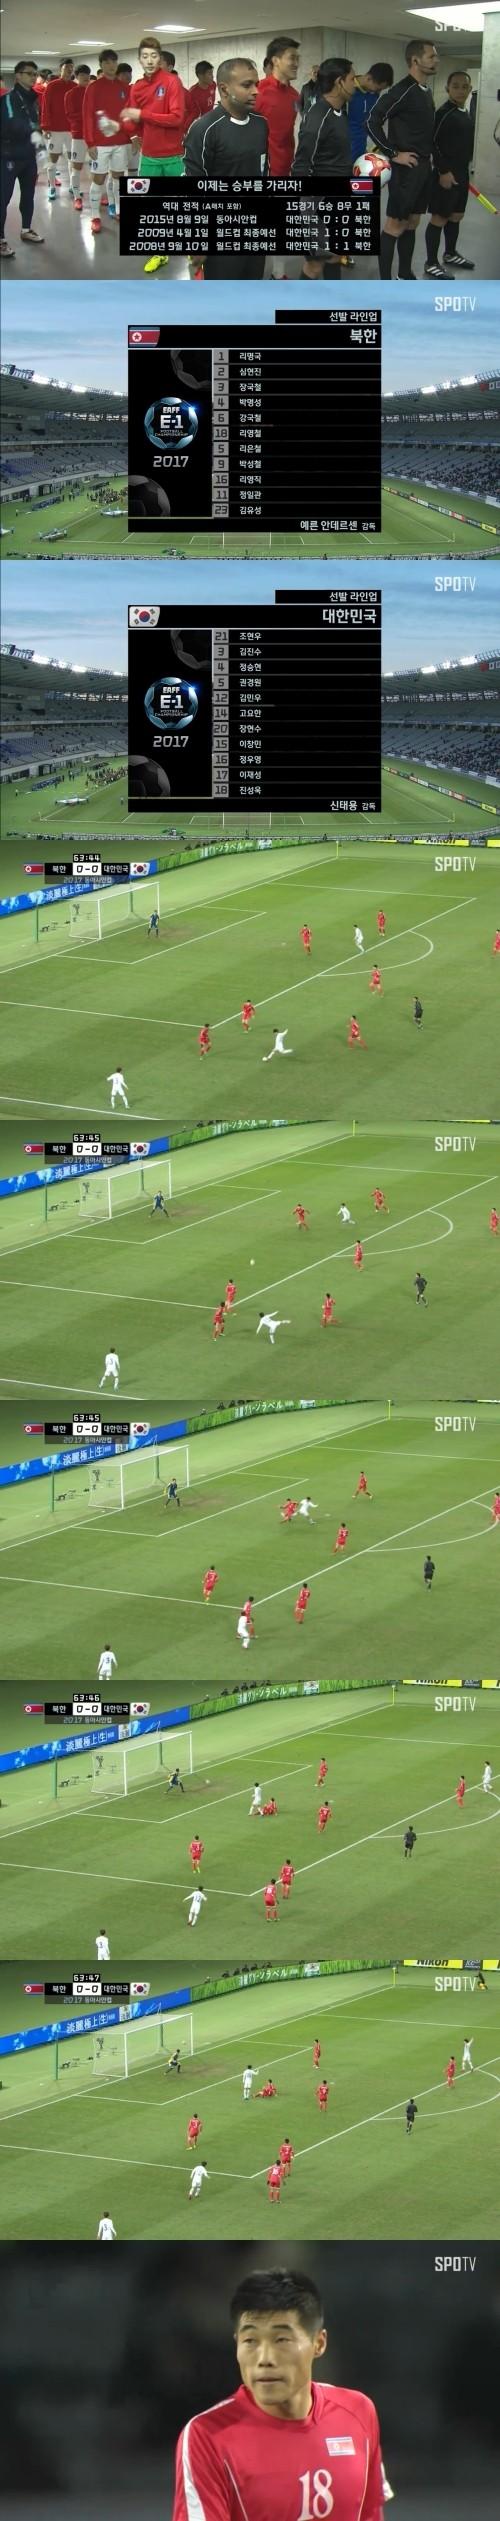 한국, '리영철 자책골' 행운에 힘입어 북한에 1-0 진땀승